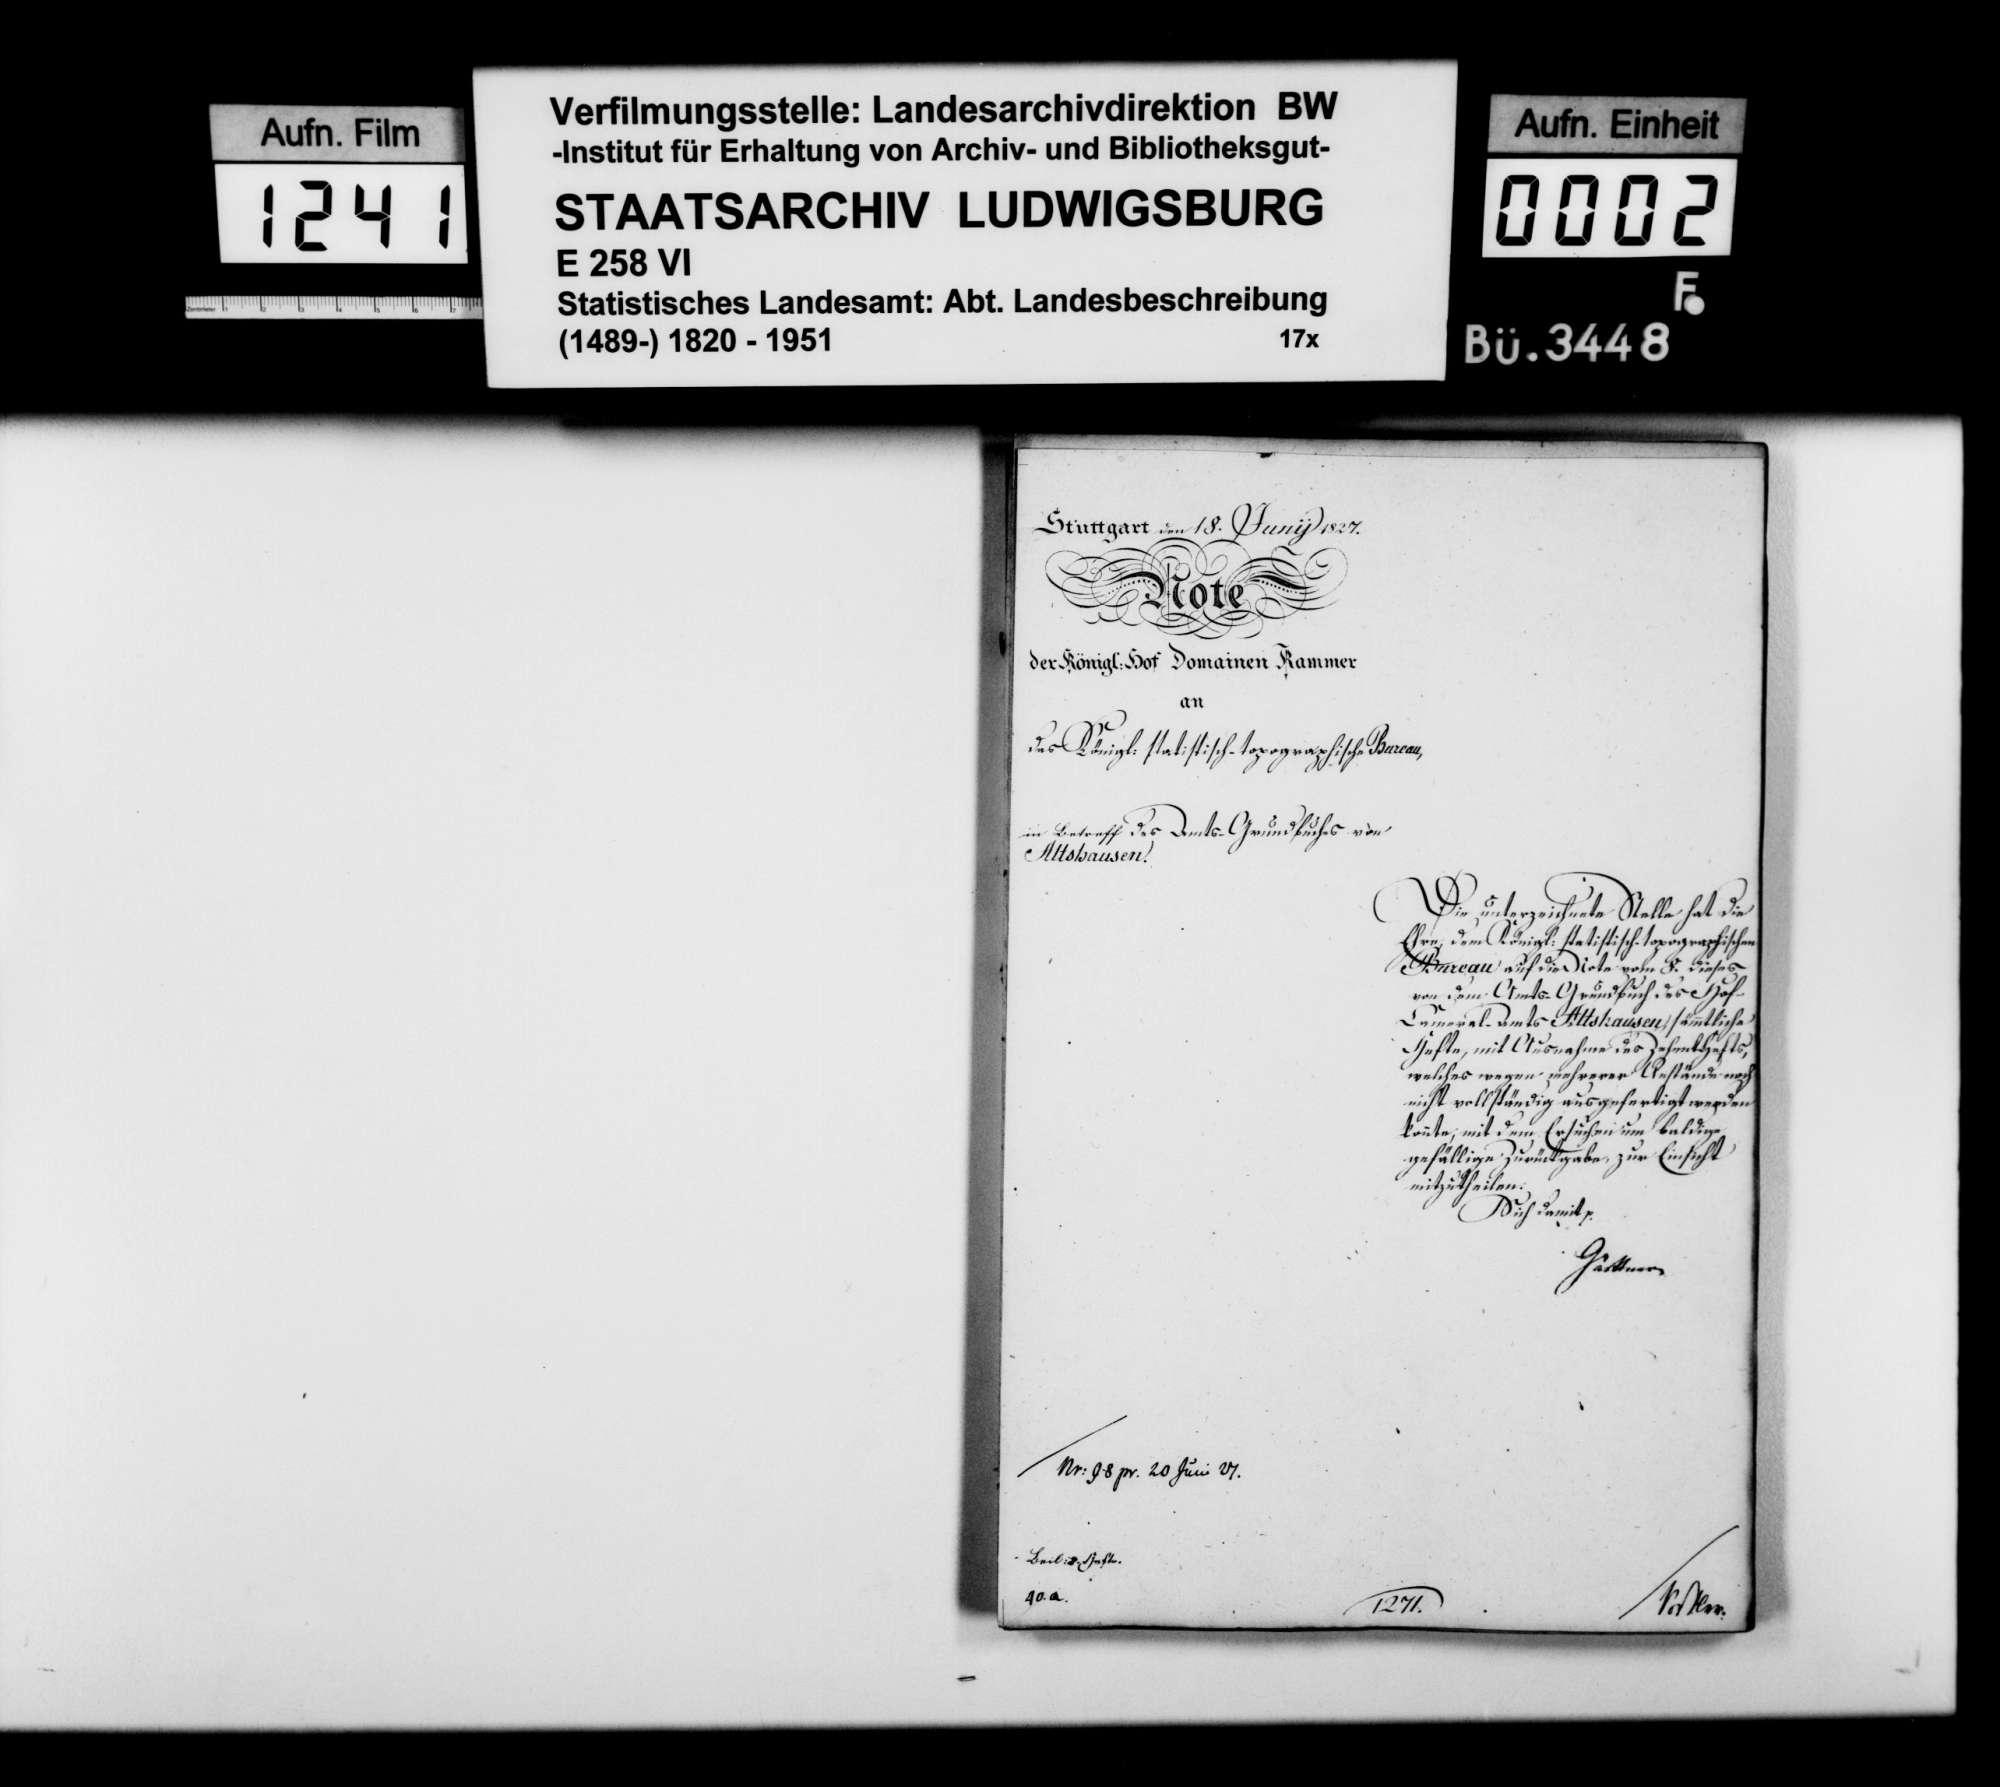 Auszüge aus dem und Kopie von Heft I des Kameralamtsgrundbuchs Altshausen, Bild 1